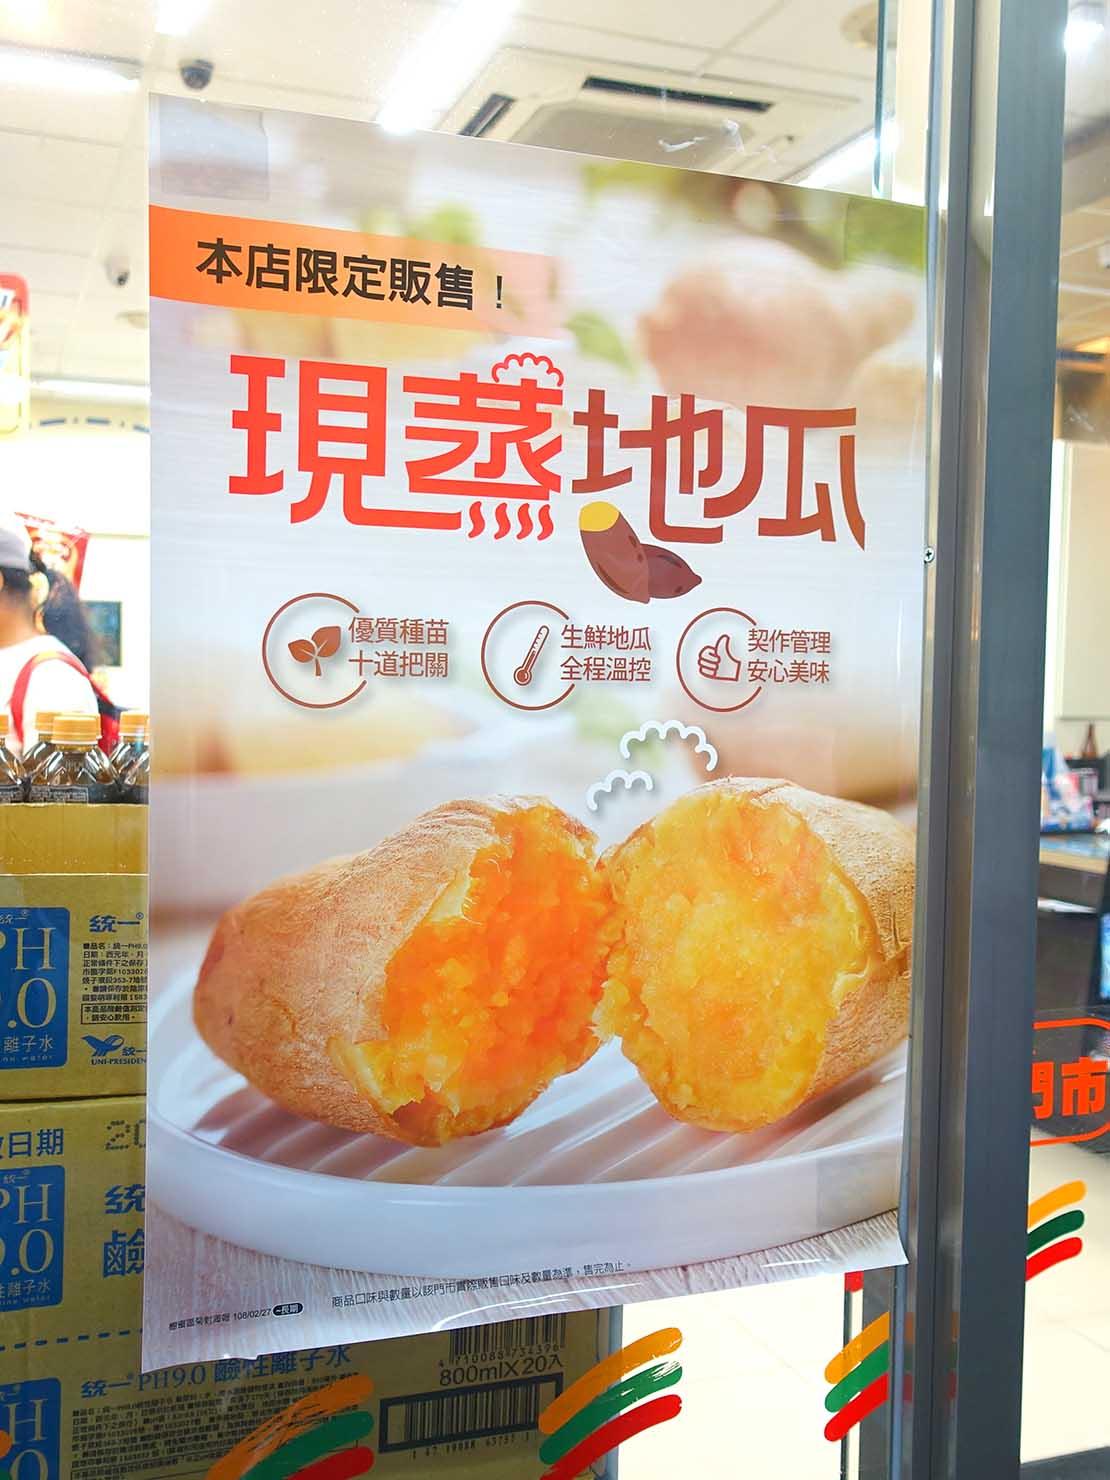 台湾のコンビニでよく食べているおやつ「蒸地瓜」のポスター